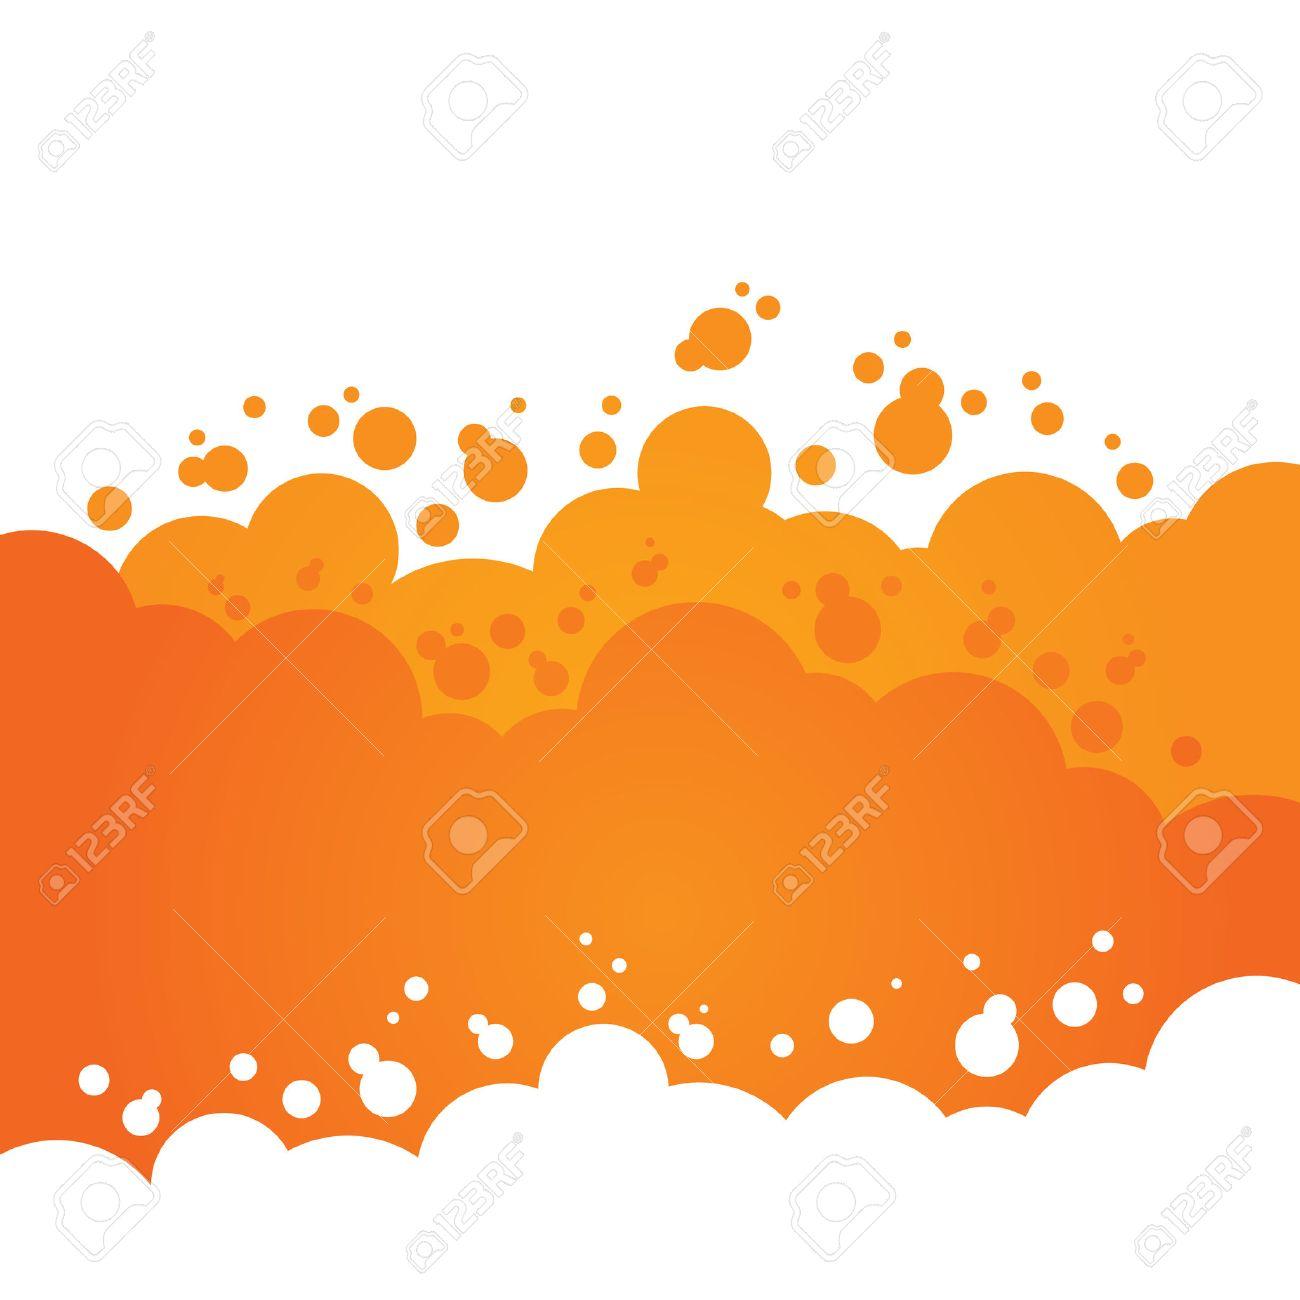 Orange Bubbly Background - 38109287